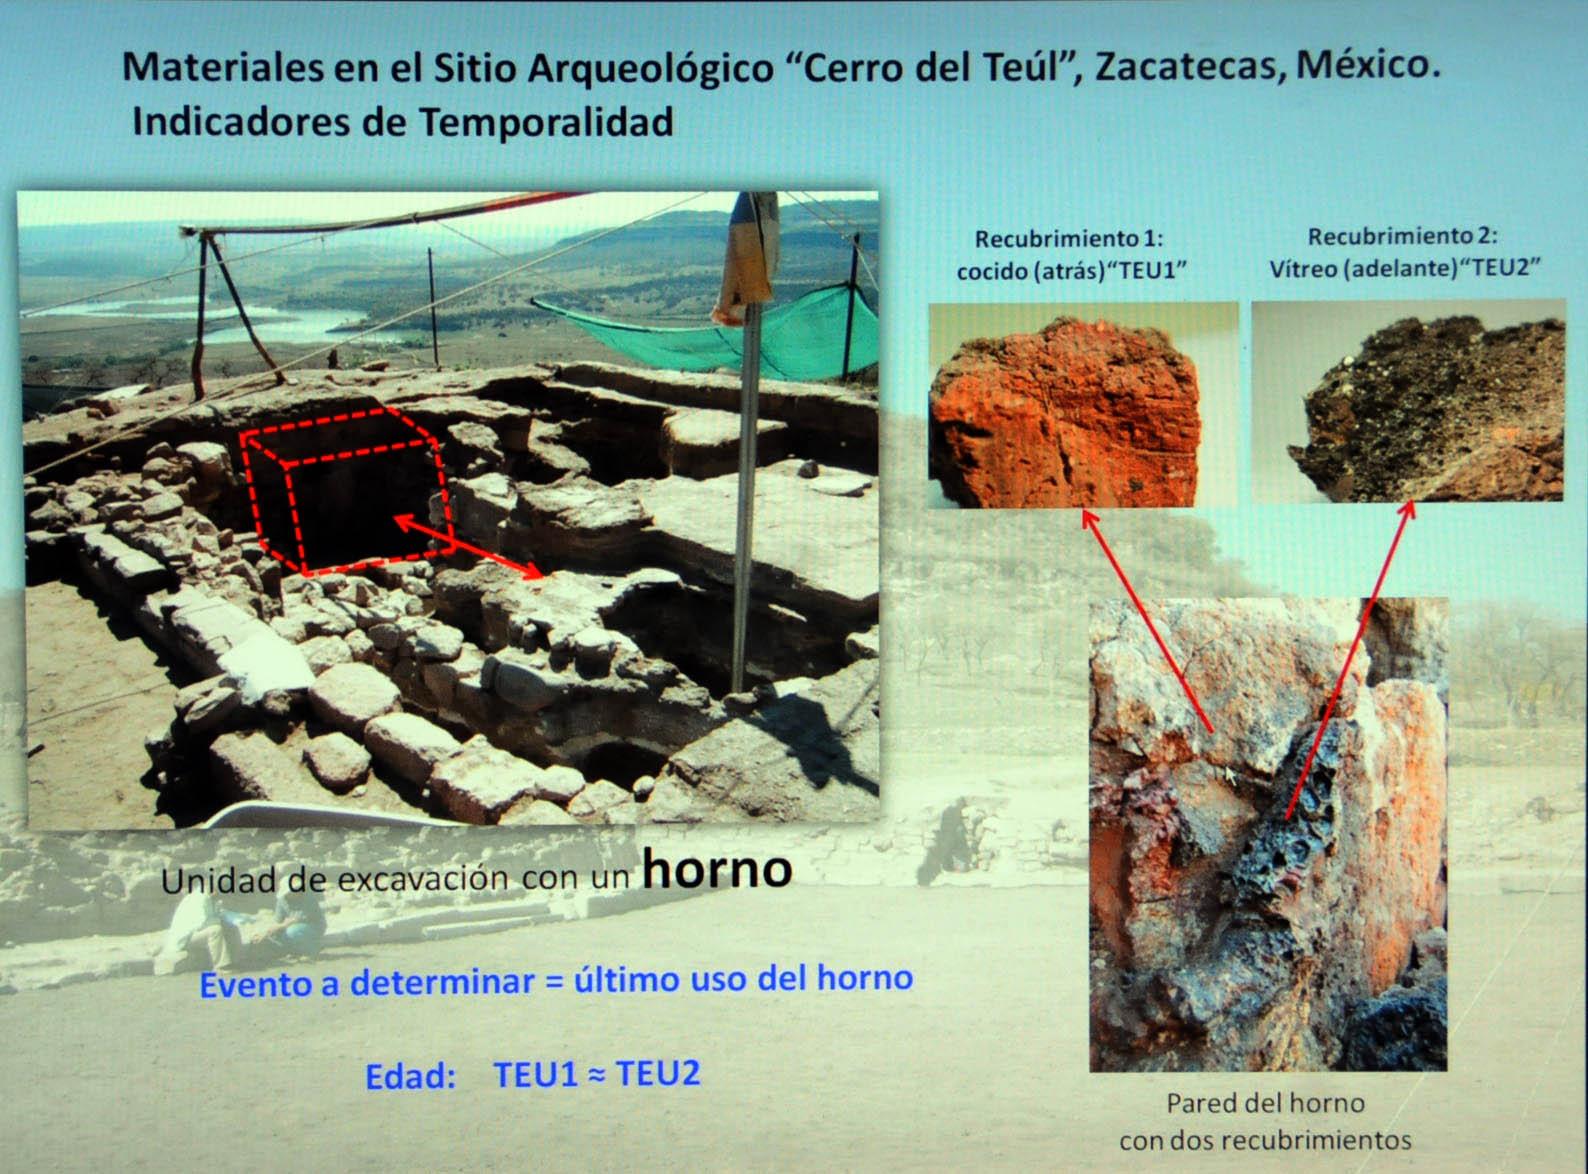 Datación con termoluminiscencia, herramienta para establecer la cronología de un sitio arqueológico: UNAM